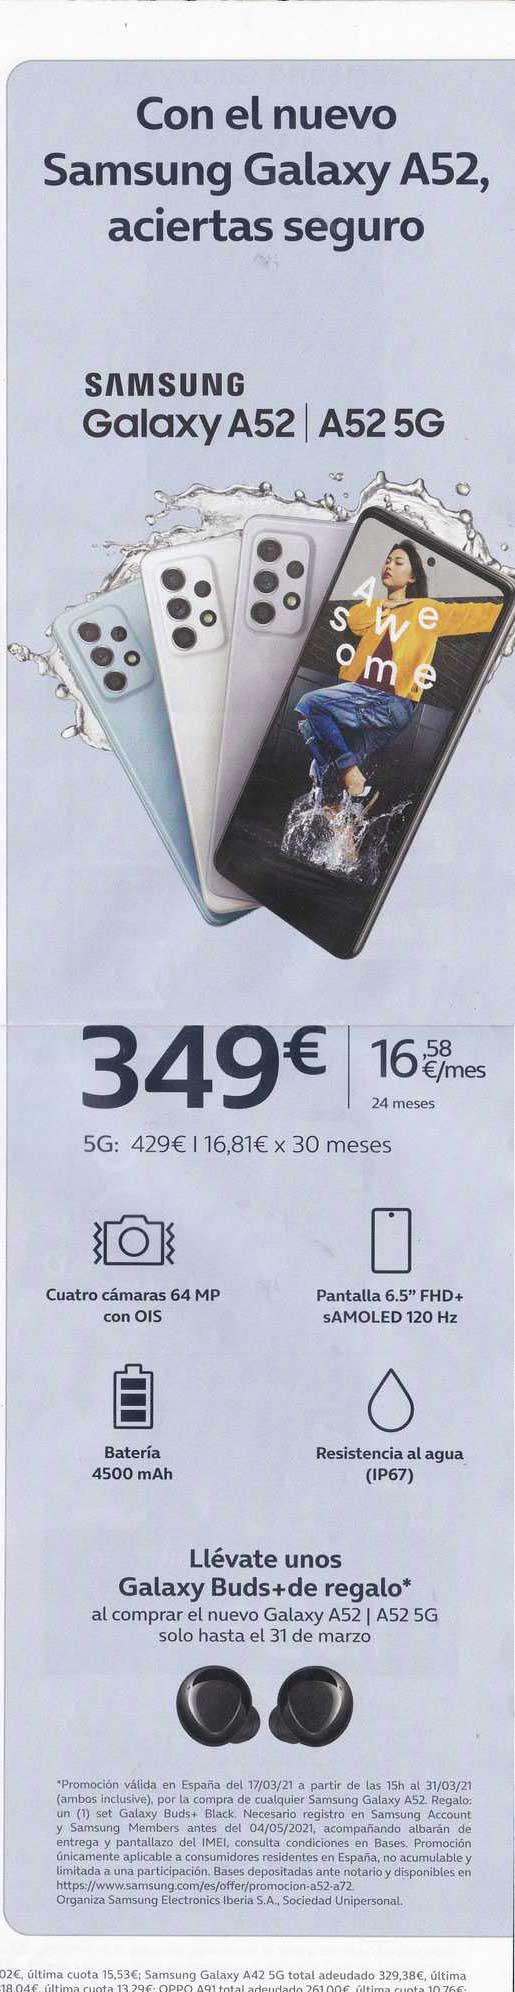 Movistar Samsung Galaxy A52 ∕ A52 5g